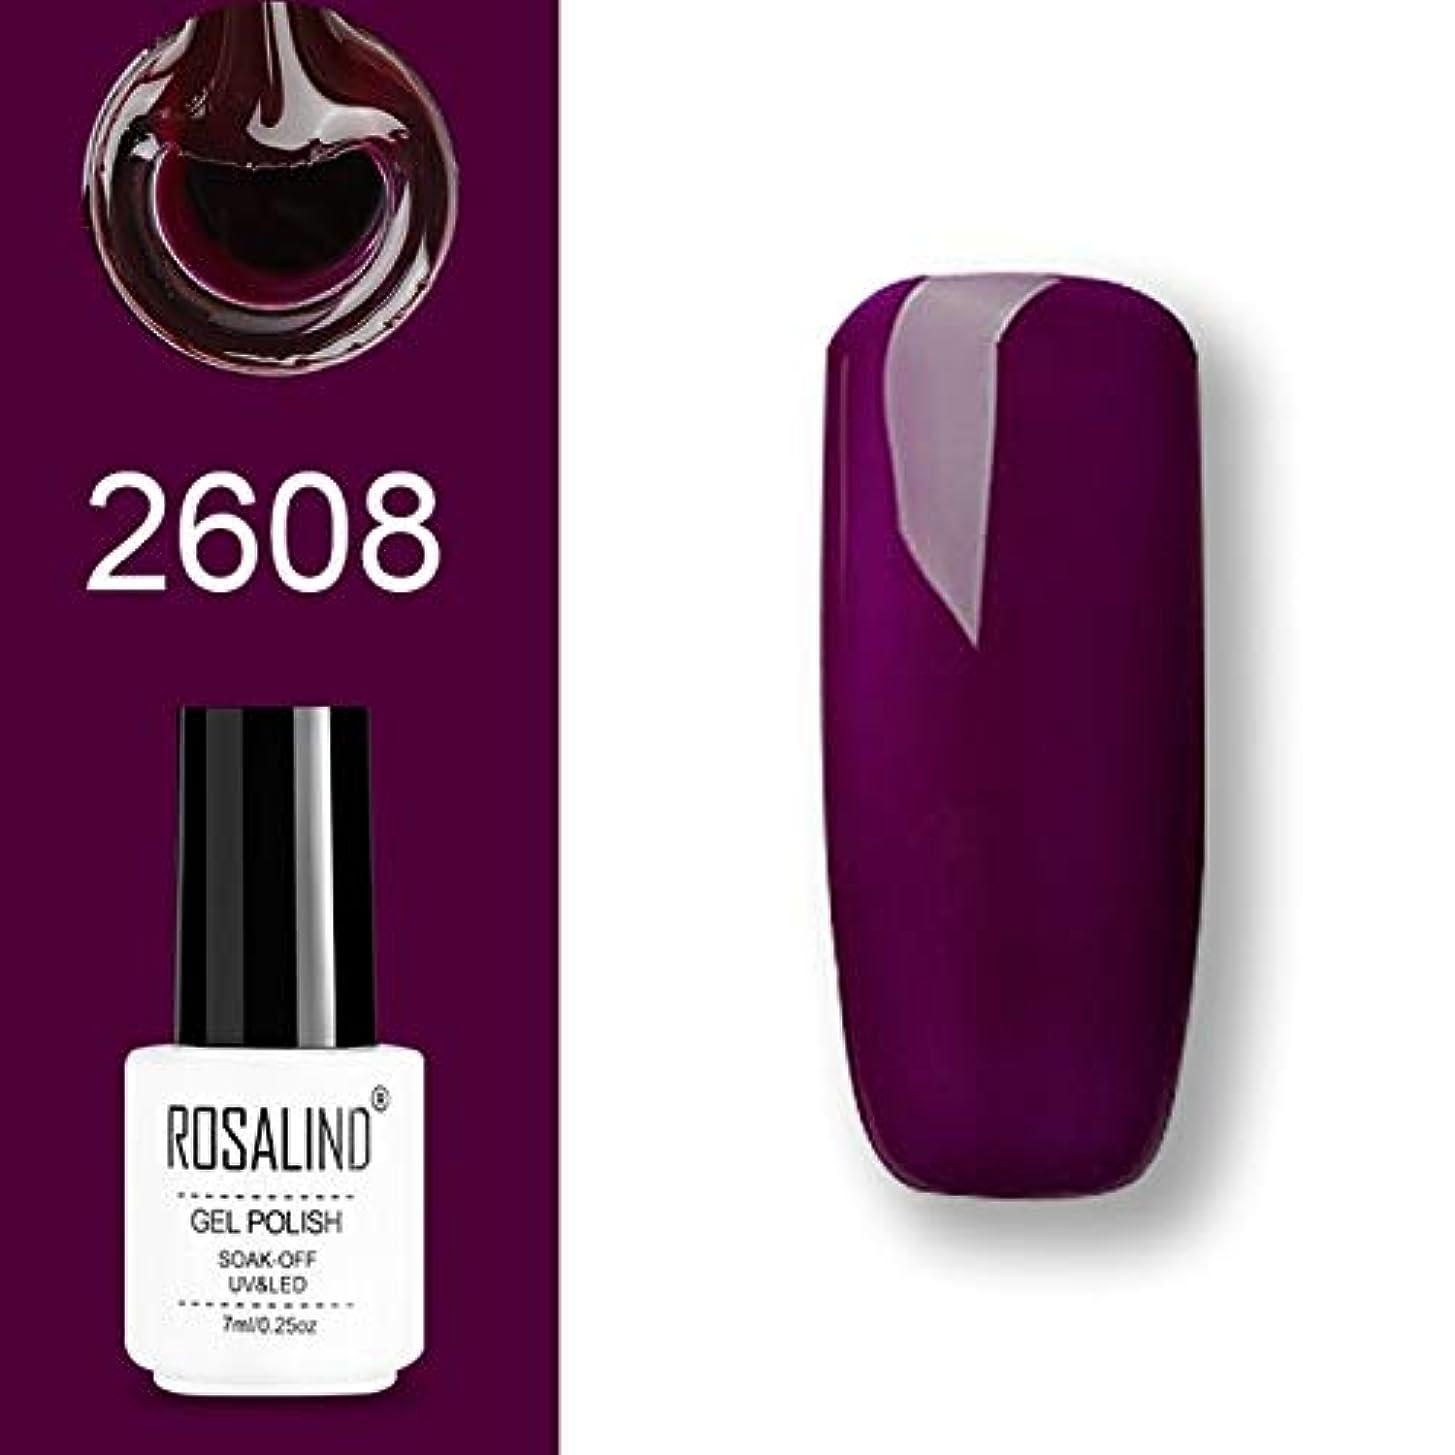 ファッションアイテム ROSALINDジェルポリッシュセットUV半永久プライマートップコートポリジェルニスネイルアートマニキュアジェル、容量:7ml 2608ピュアカラーネイルグルー 環境に優しいマニキュア